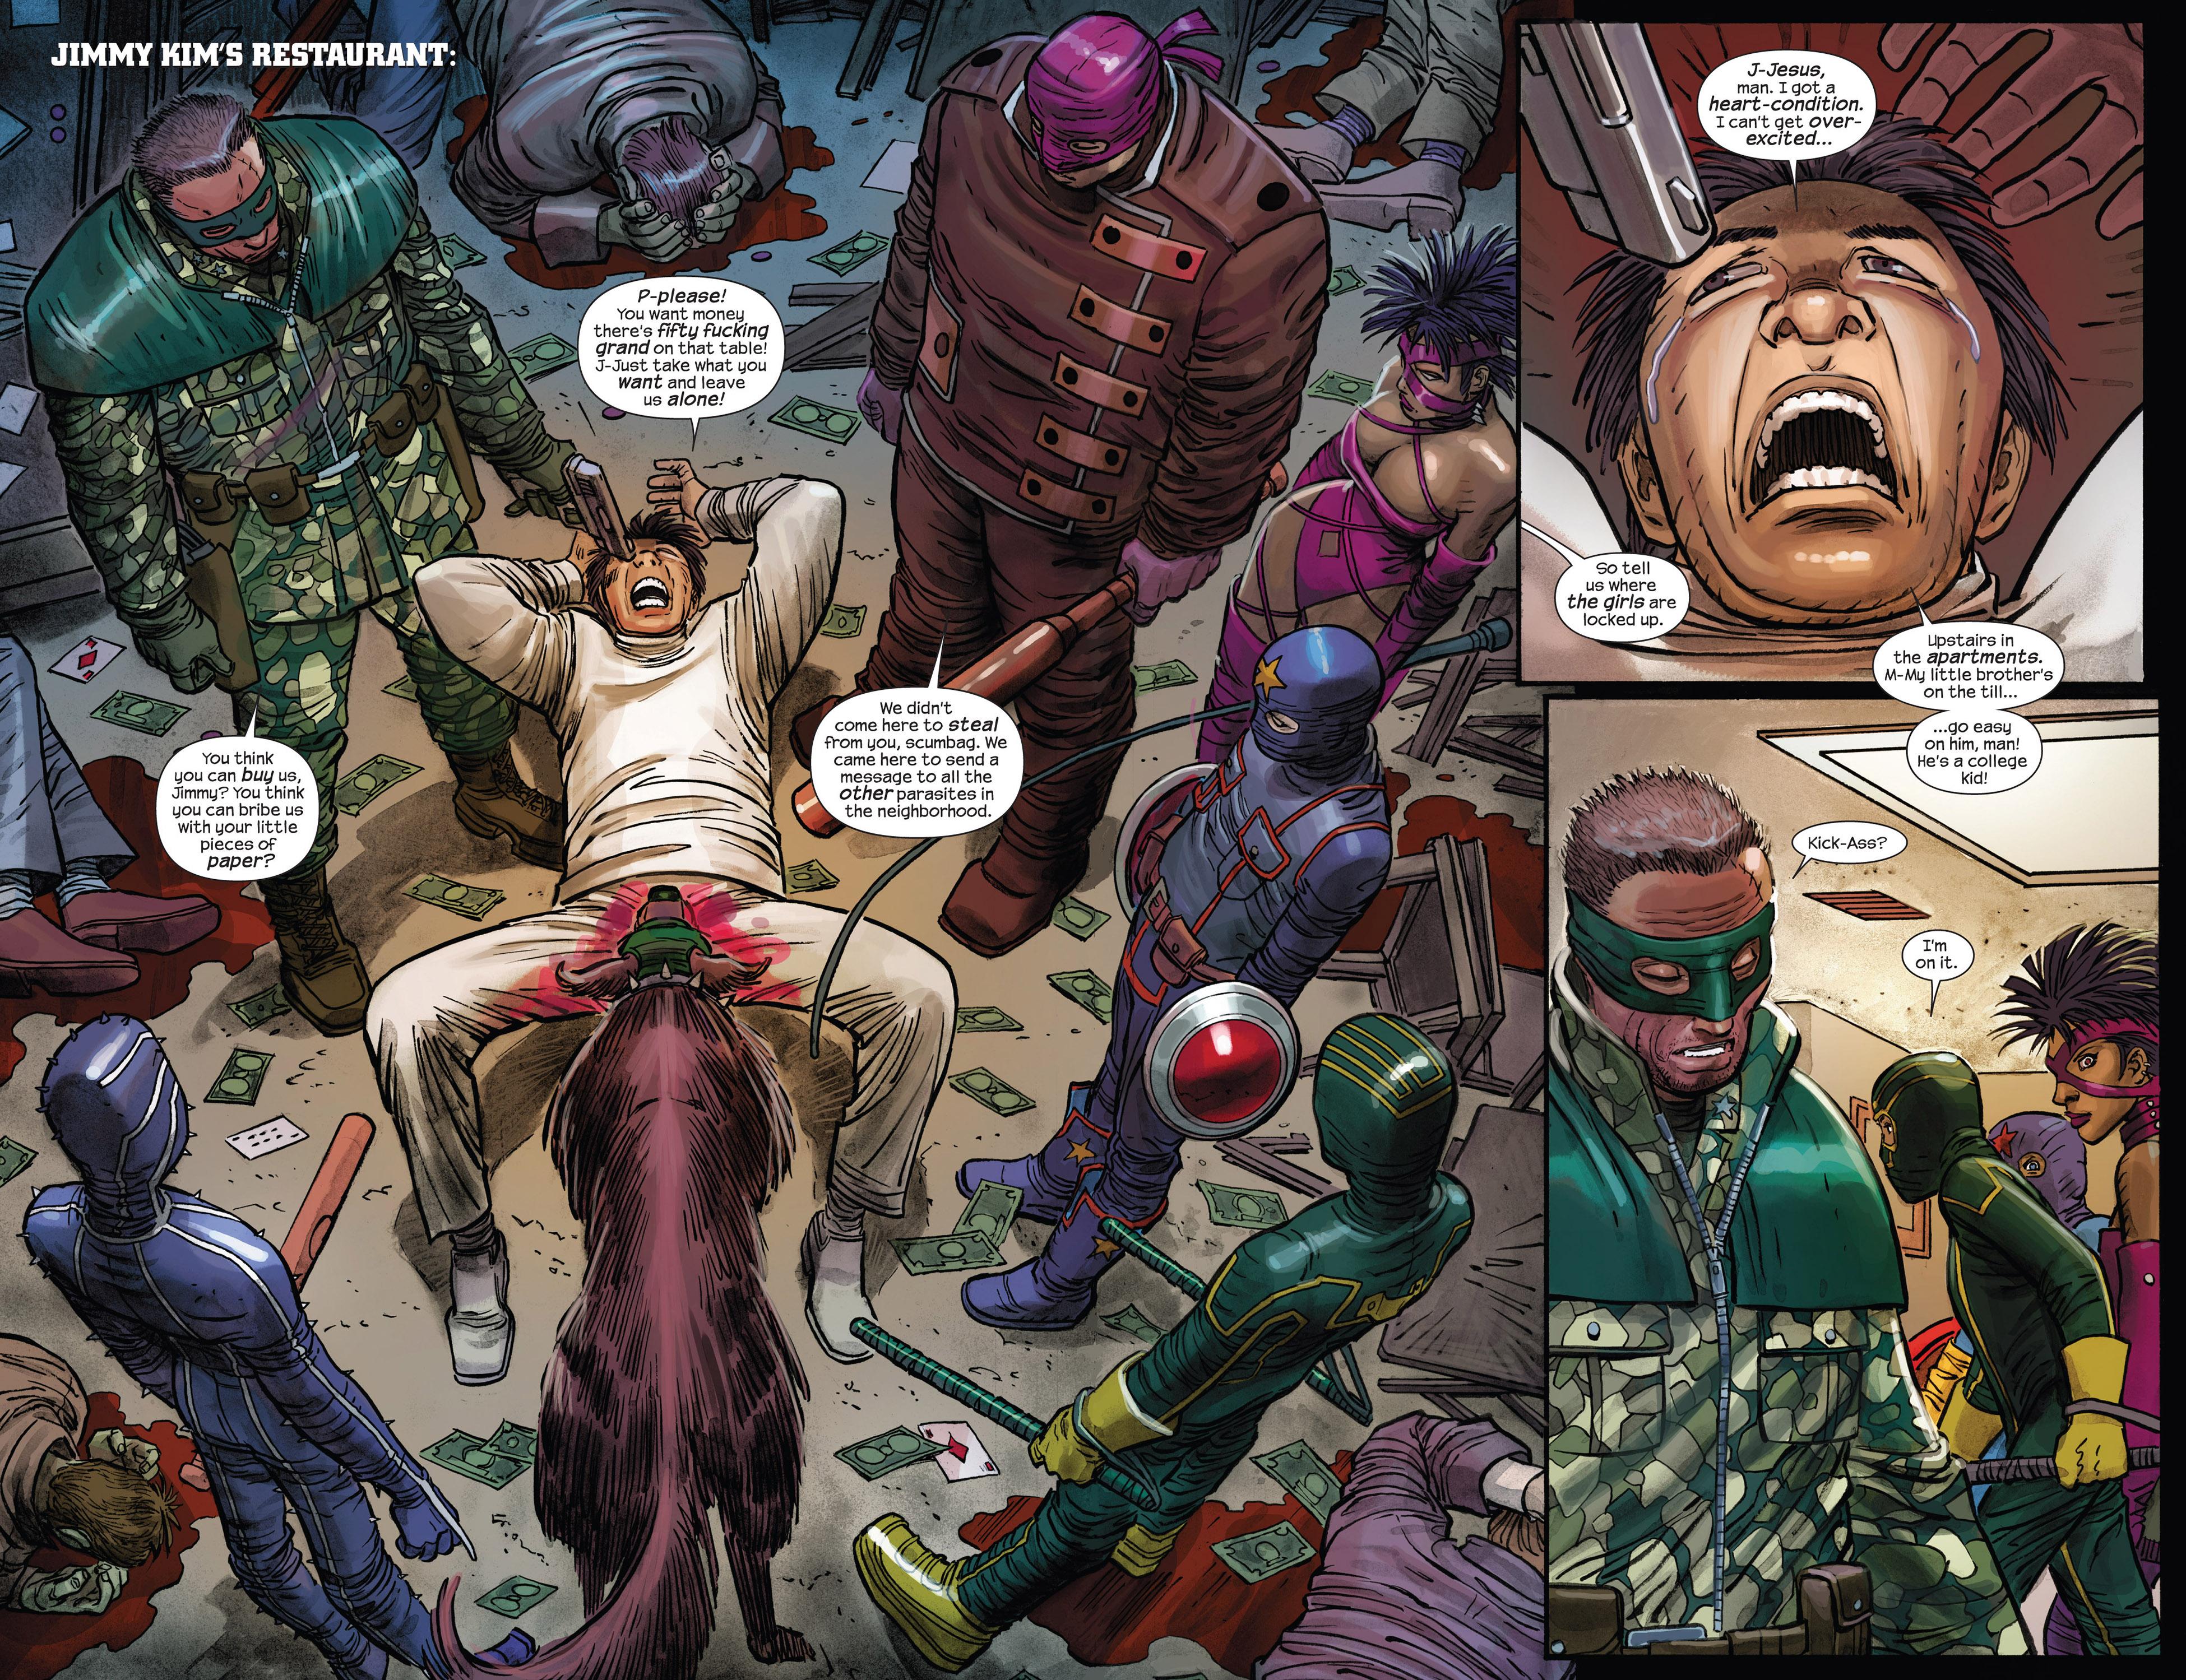 Kick Ass 2 Issue 2   Read Kick Ass 2 Issue 2 comic online